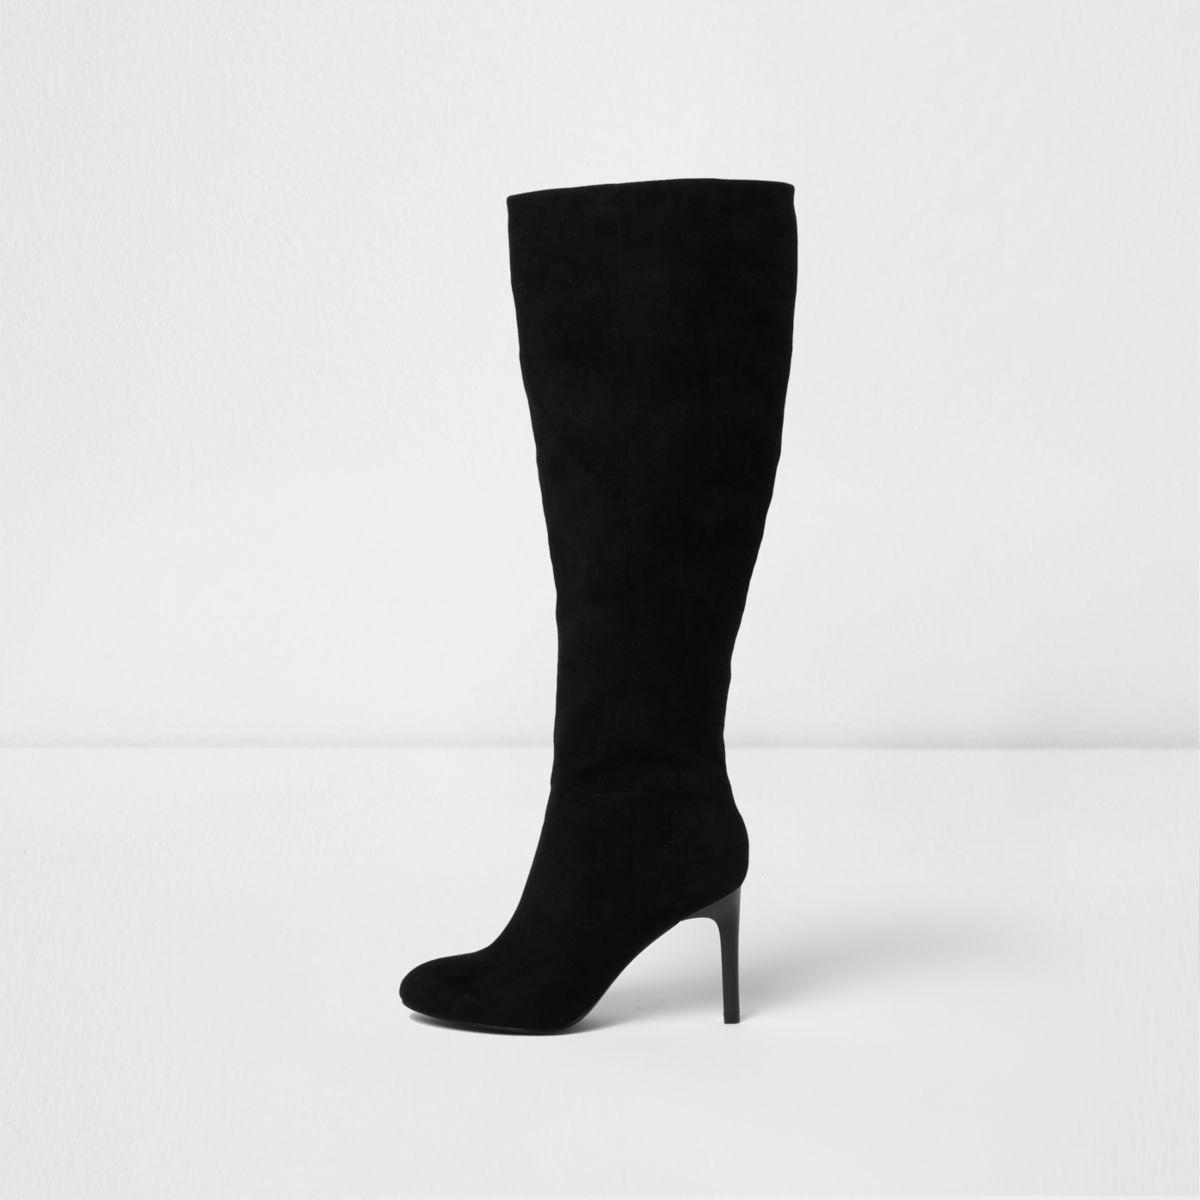 Schwarze, kniehohe Stiletto-Stiefel